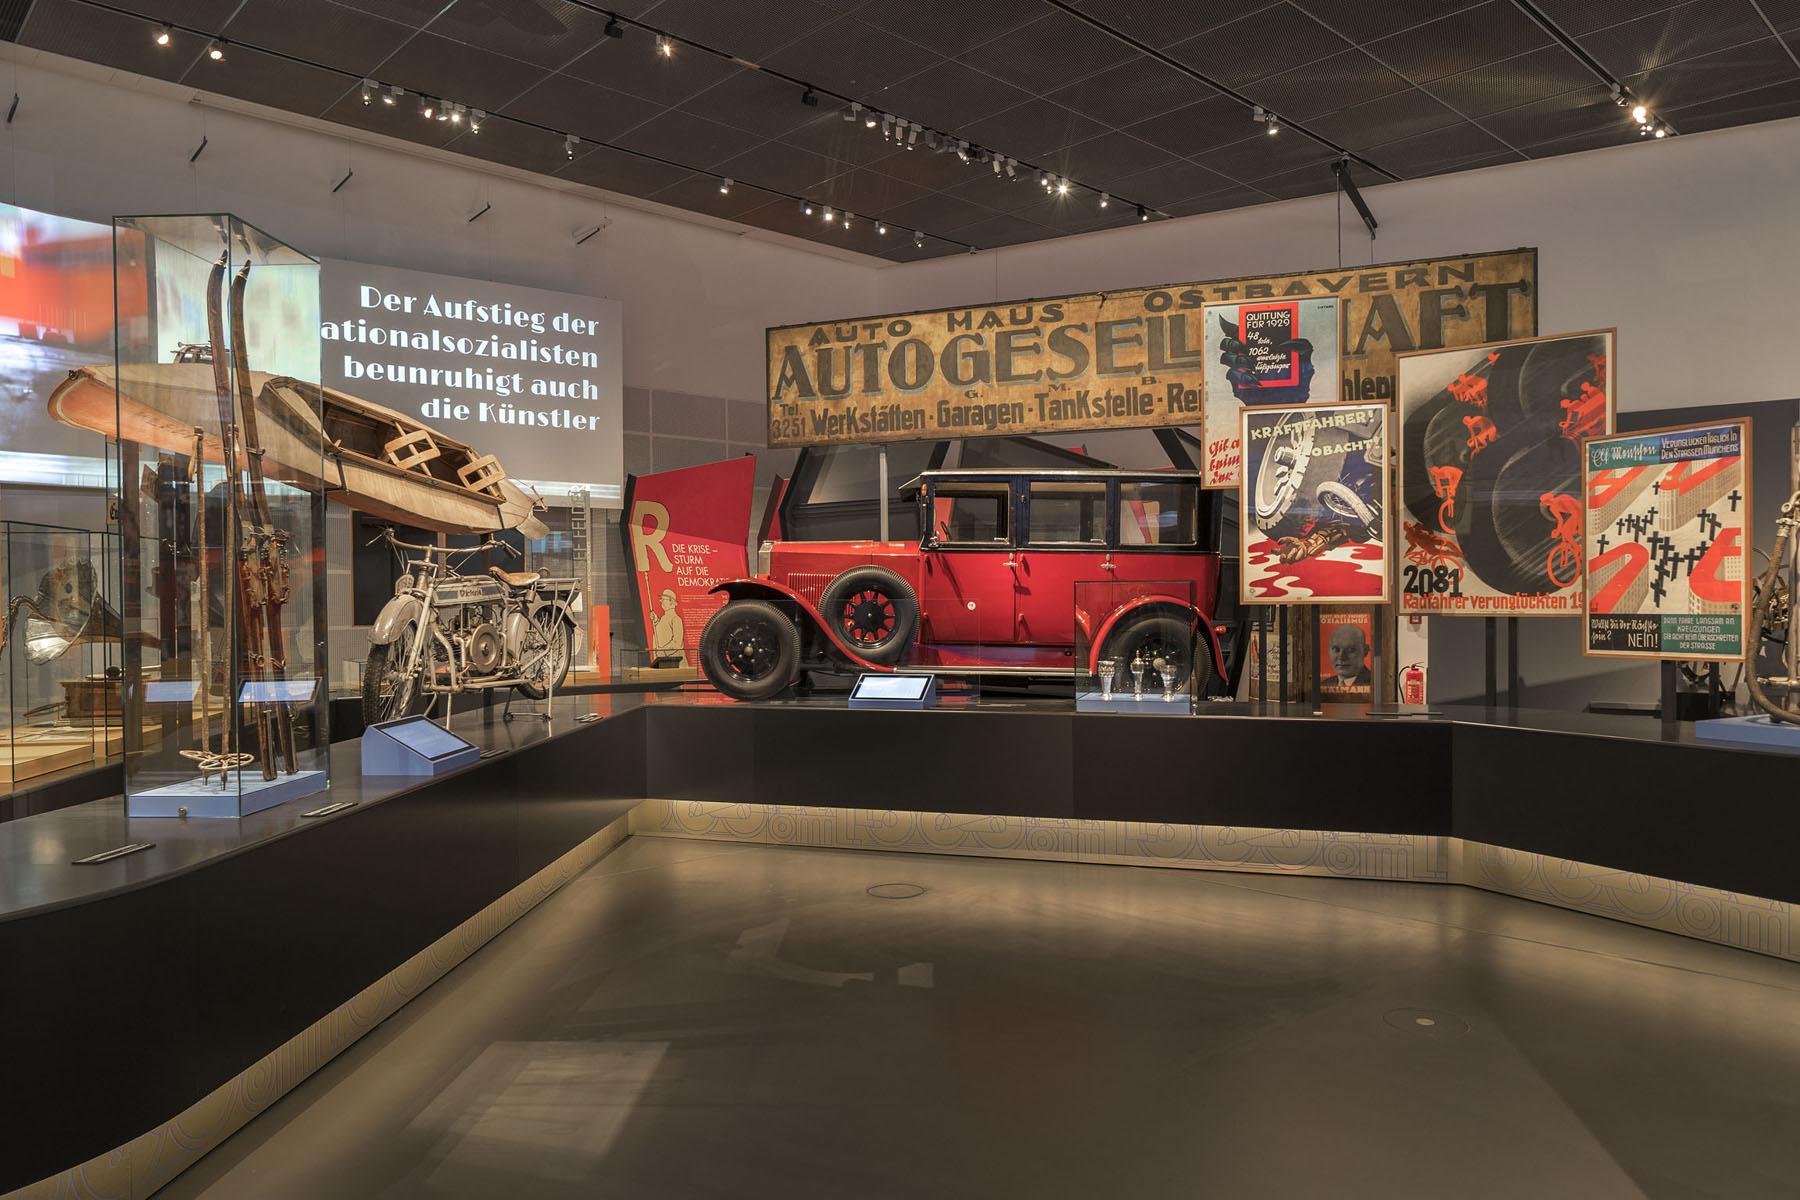 Die Ausstellung begleitet den Besucher in die 20er Jahres des letzten Jahrhunderts, in ein kontroverses  Jahrzehnt des Auf- und Umbruchs